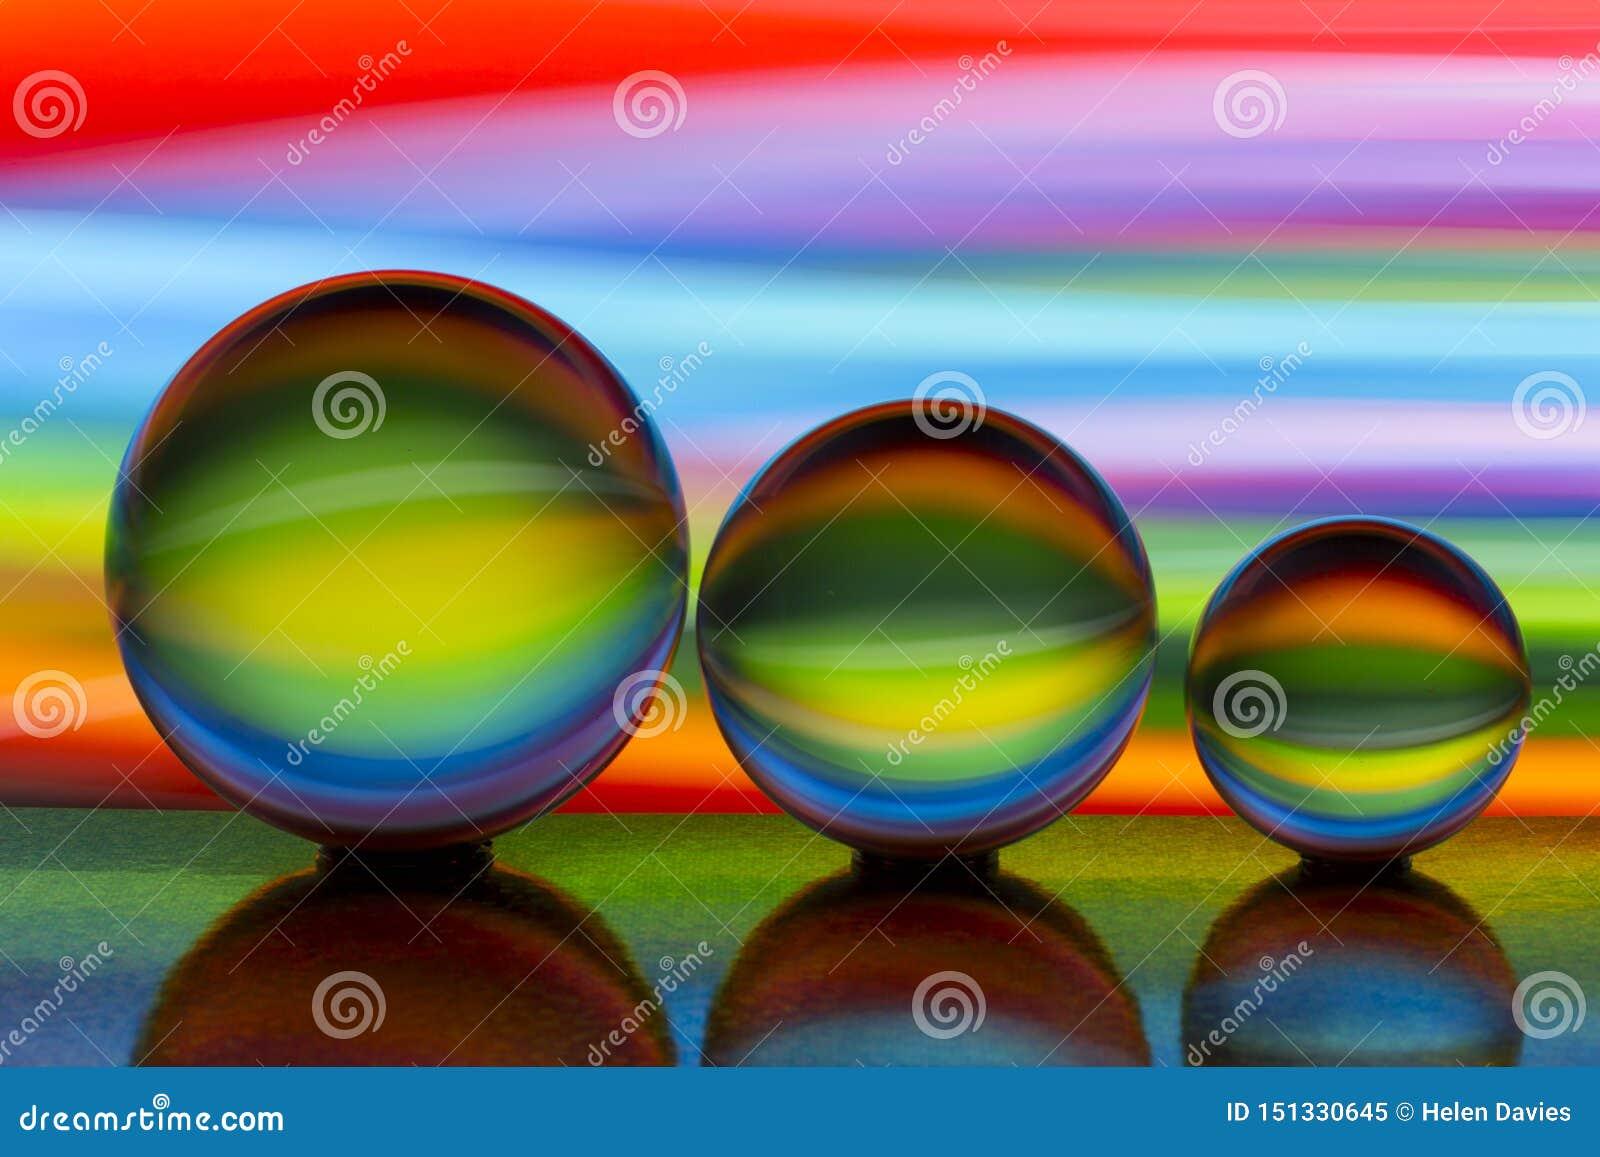 Três bolas de cristal de vidro em seguido com um arco-íris da pintura clara colorida atrás deles